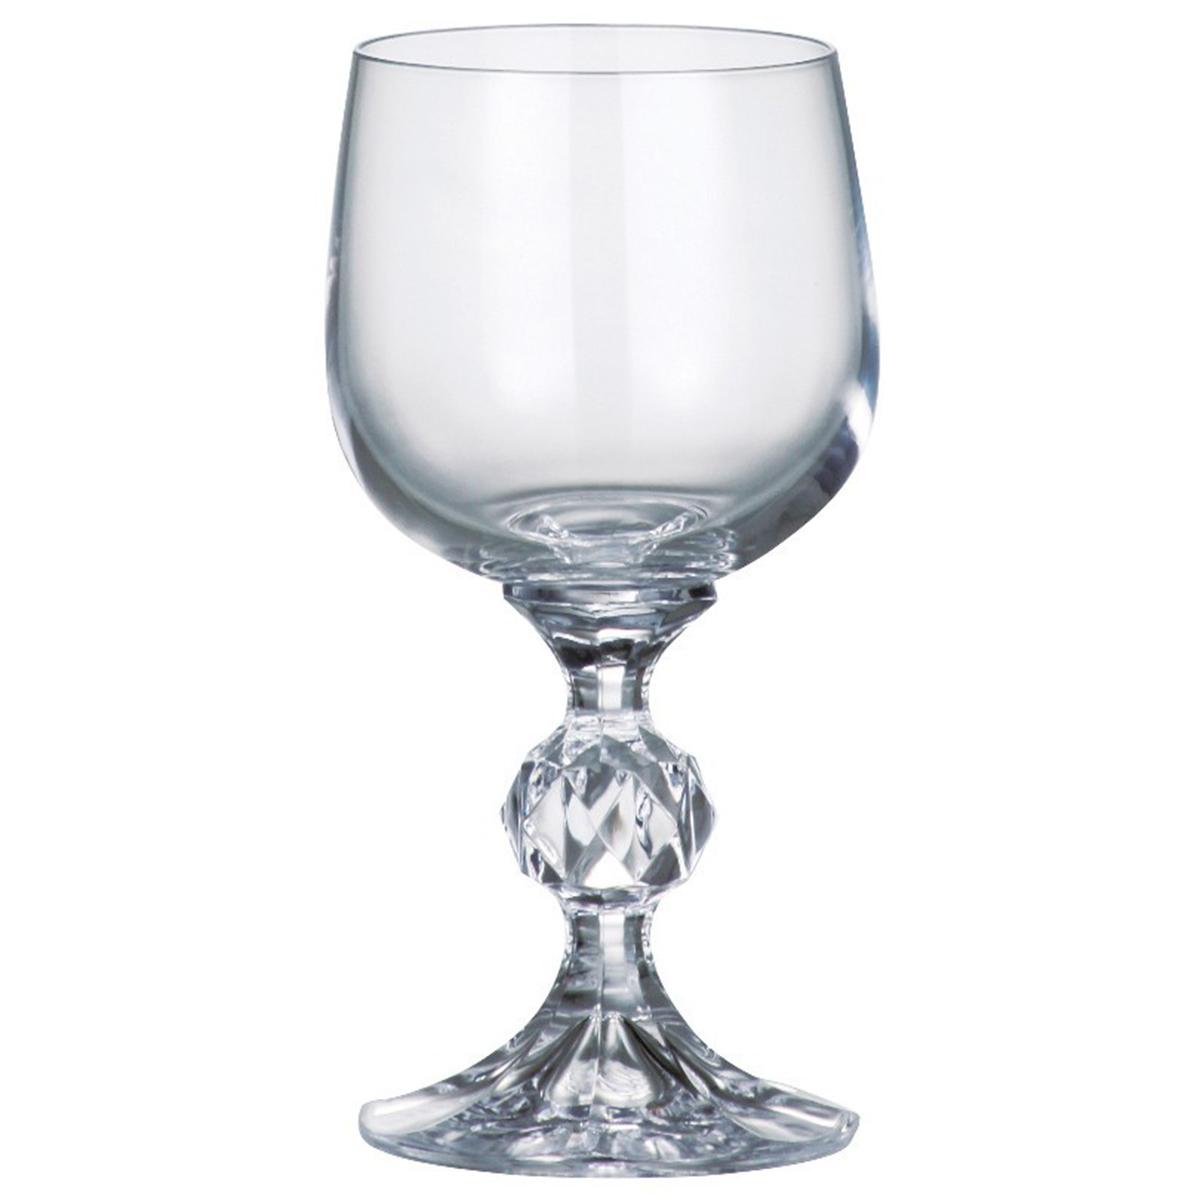 """Набор бокалов для вина Bohemia Crystal коллекции """"Клаудия"""" изготовлен из высококачественного богемского хрустального стекла, славящегося своим высоким качеством. Эксклюзивная коллекция """"Клаудия"""" - это роскошная классика. Ножка выполнена с декоративным элементом в виде граненого шара. Набор станет отличным выбором для богатой сервировки стола. Объем бокала 230 мл. Количество в упаковке 6 шт."""